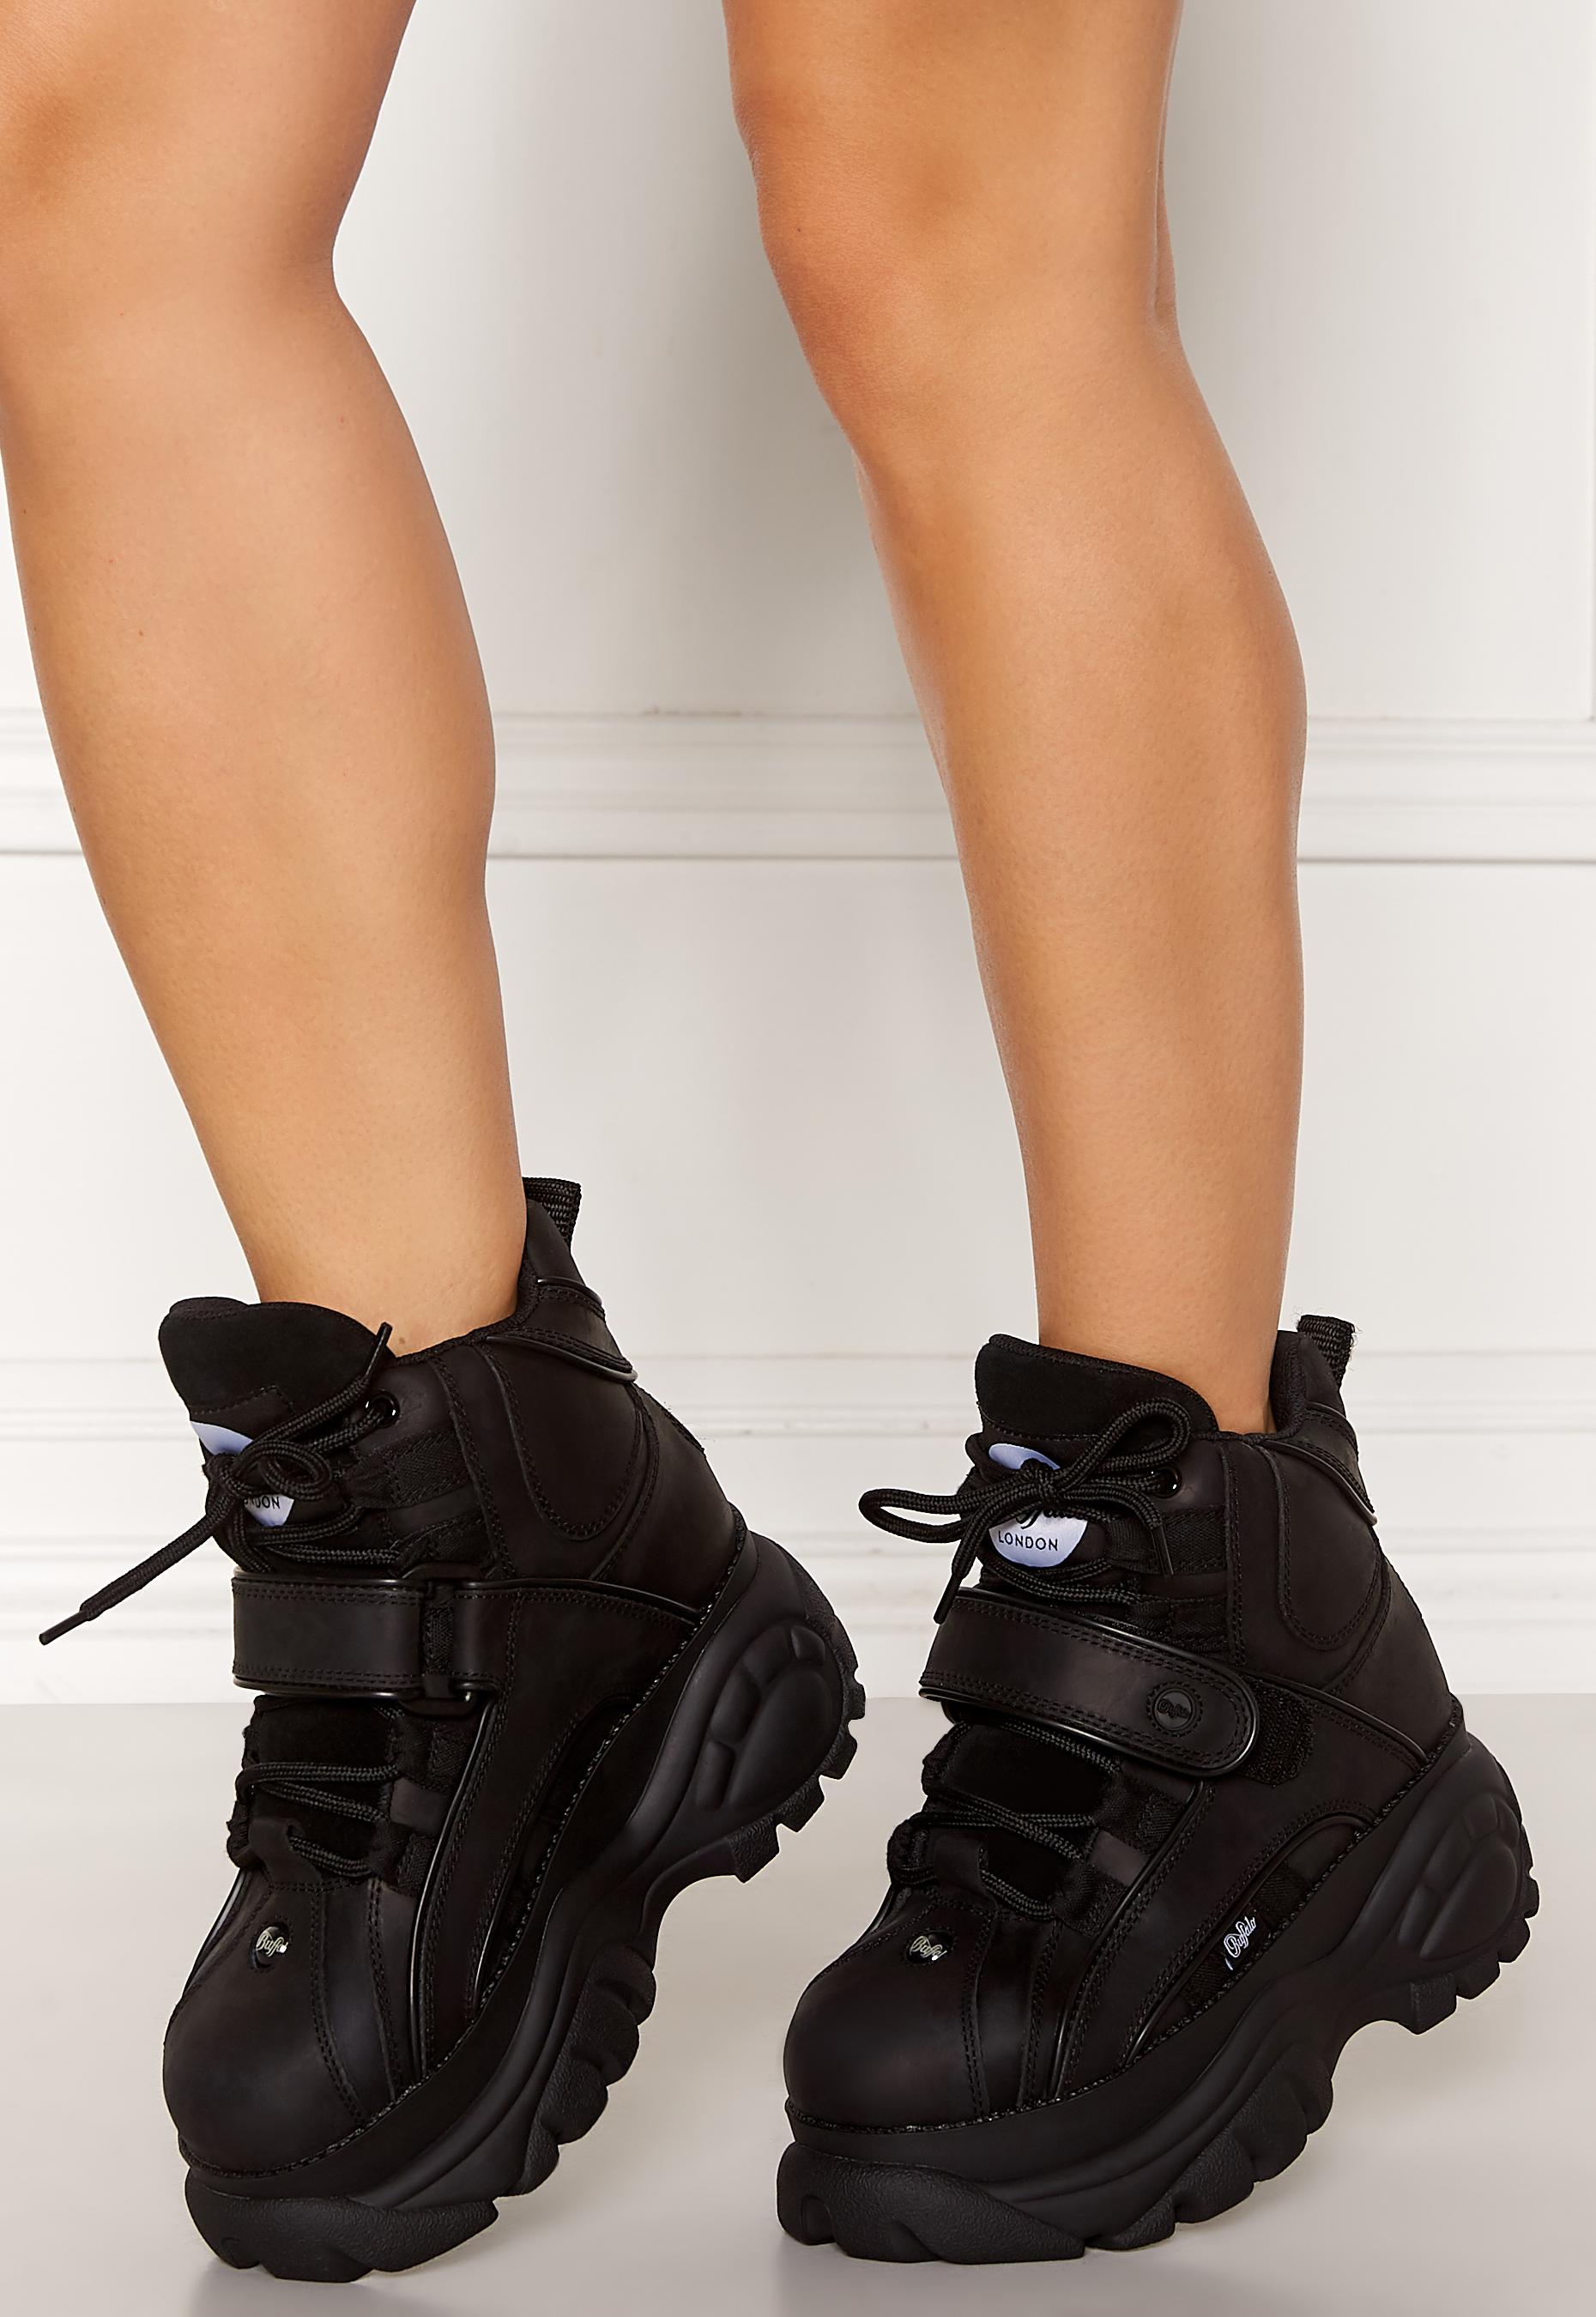 Buffalo Shoes Black - Bubbleroom